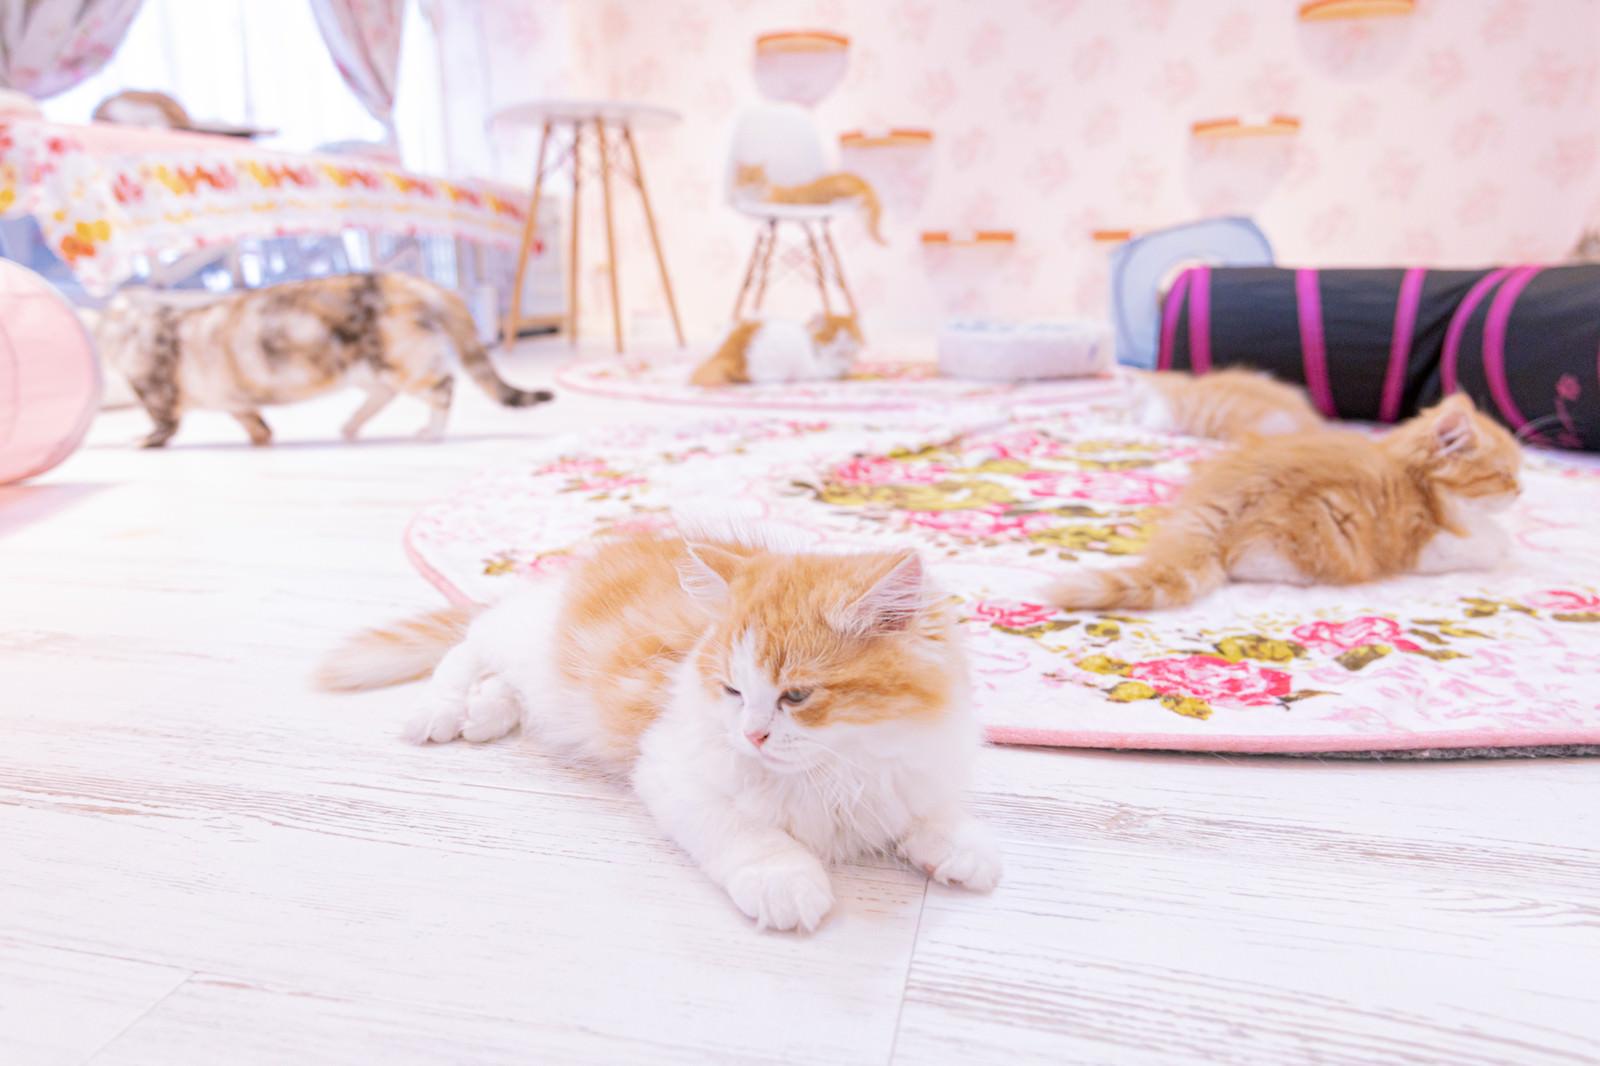 「遊び疲れた猫たち(猫カフェの様子)」の写真